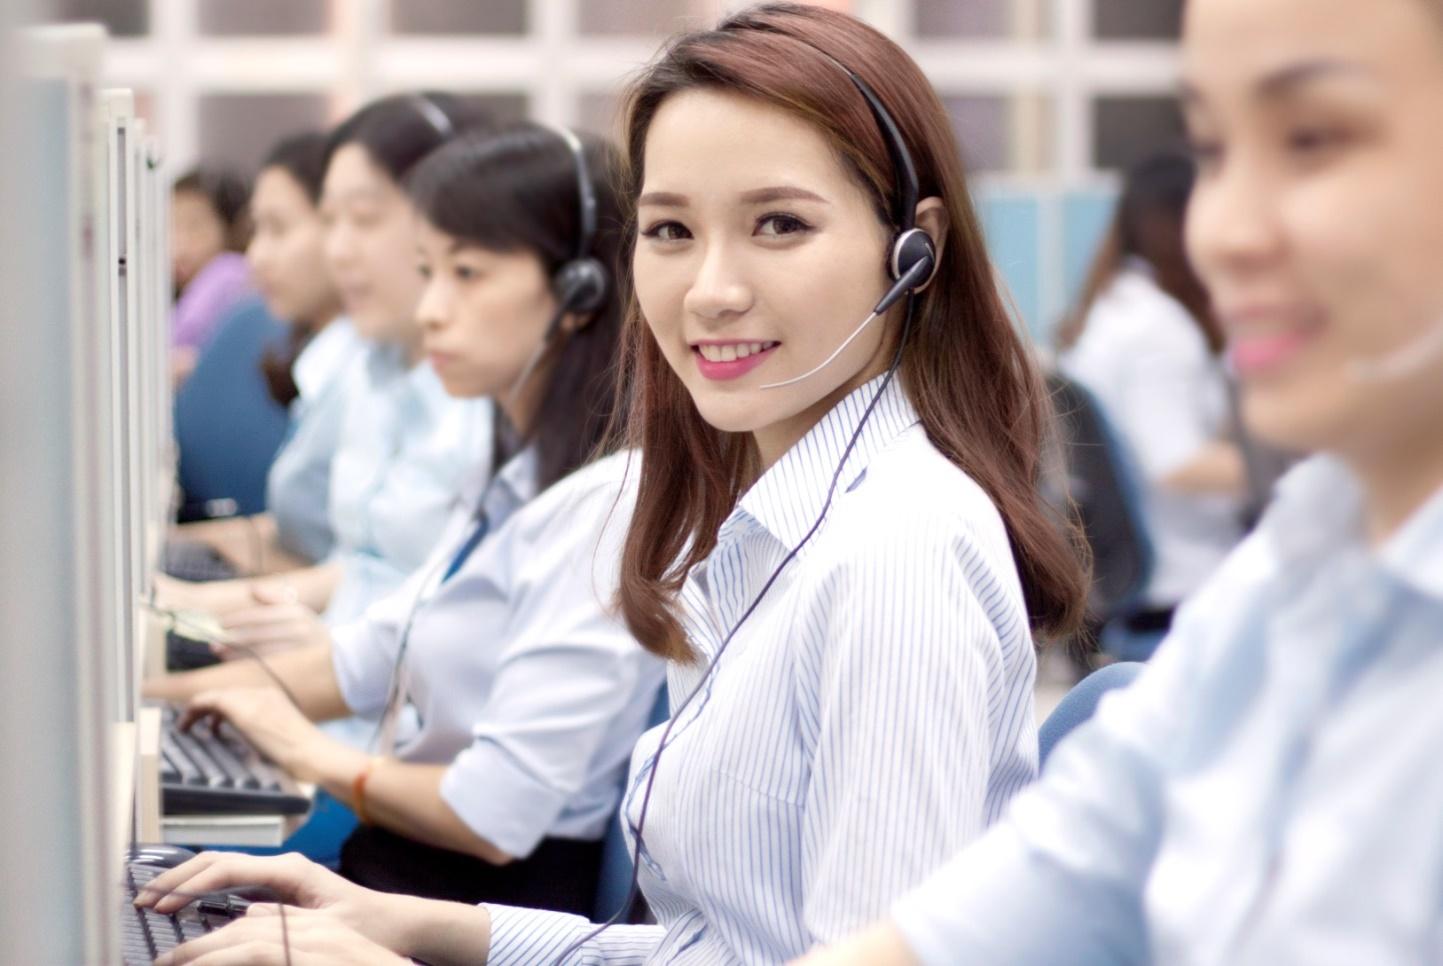 Hình ảnh nhân viên tổng đài chuyển văn phòng Thanh Hương